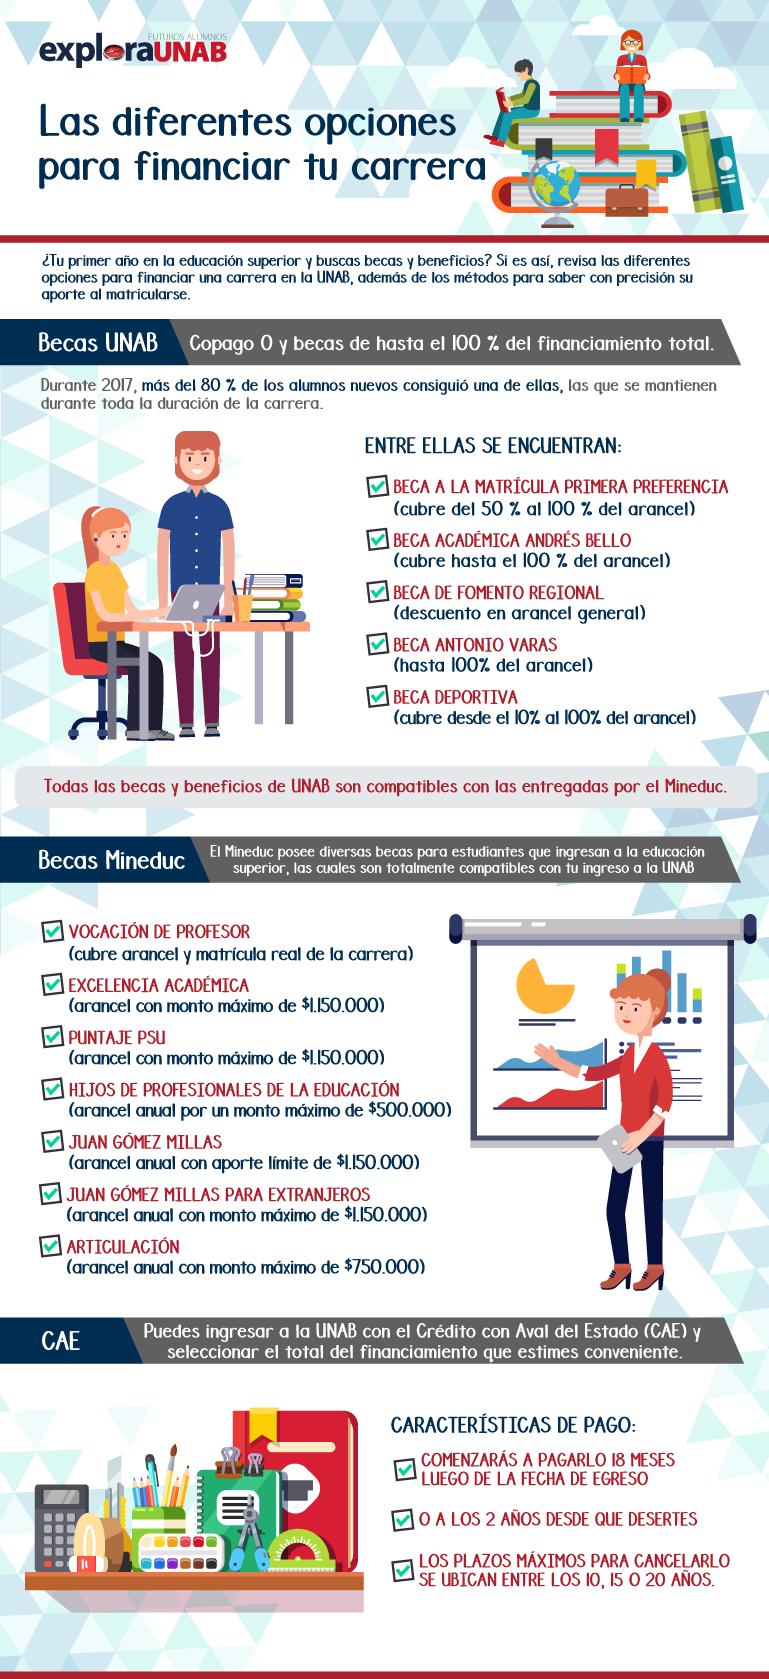 financia tu carrera